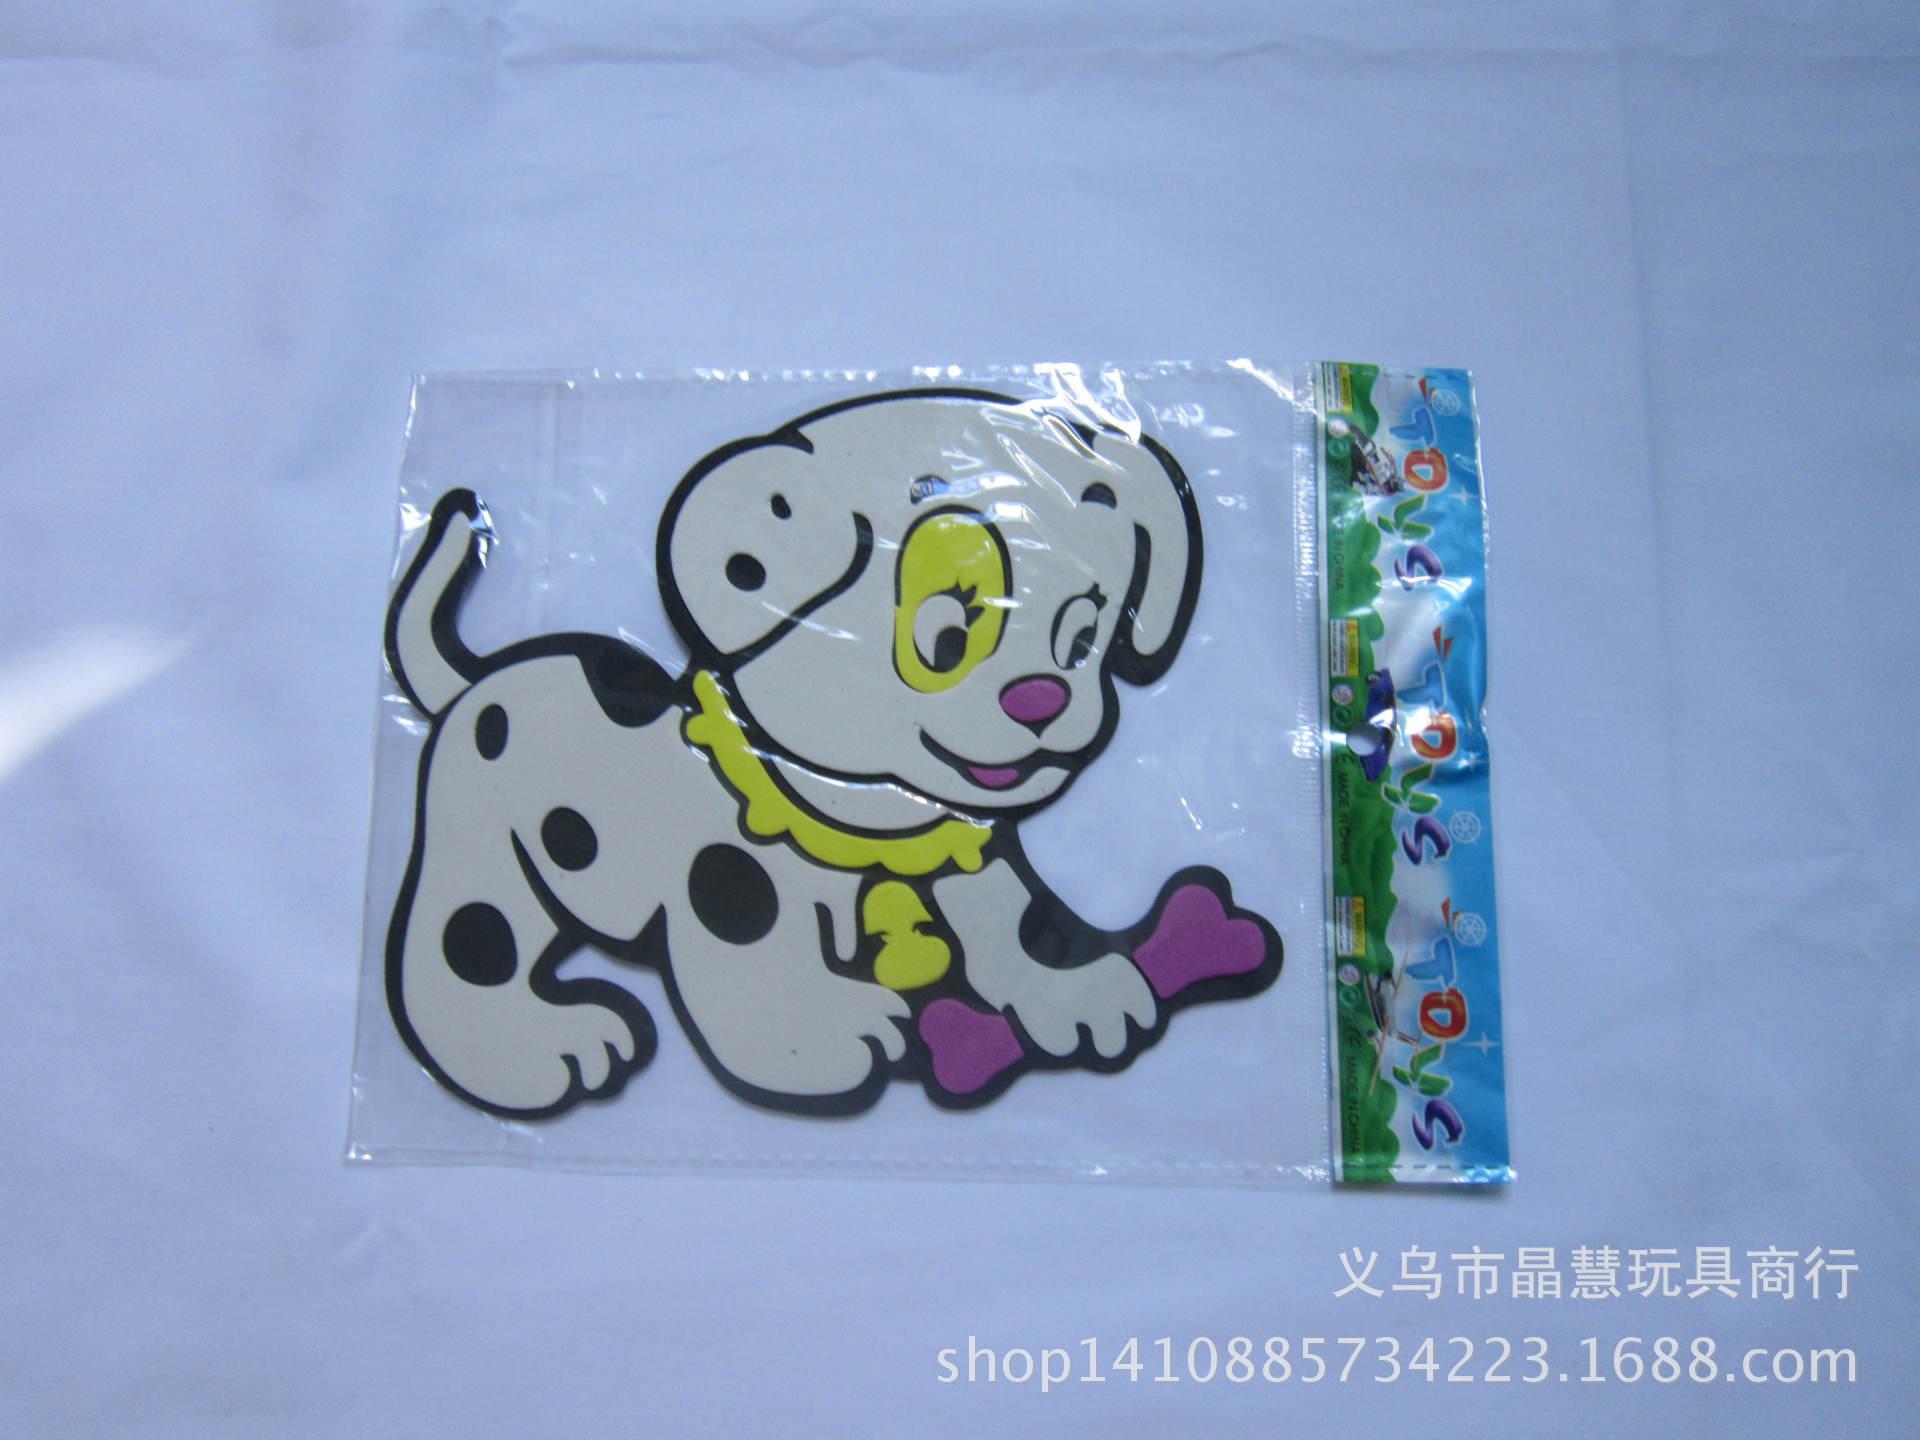 海绵卡通贴图 幼儿园装饰品动物墙贴EVA卡通墙贴泡沫贴画海绵卡通